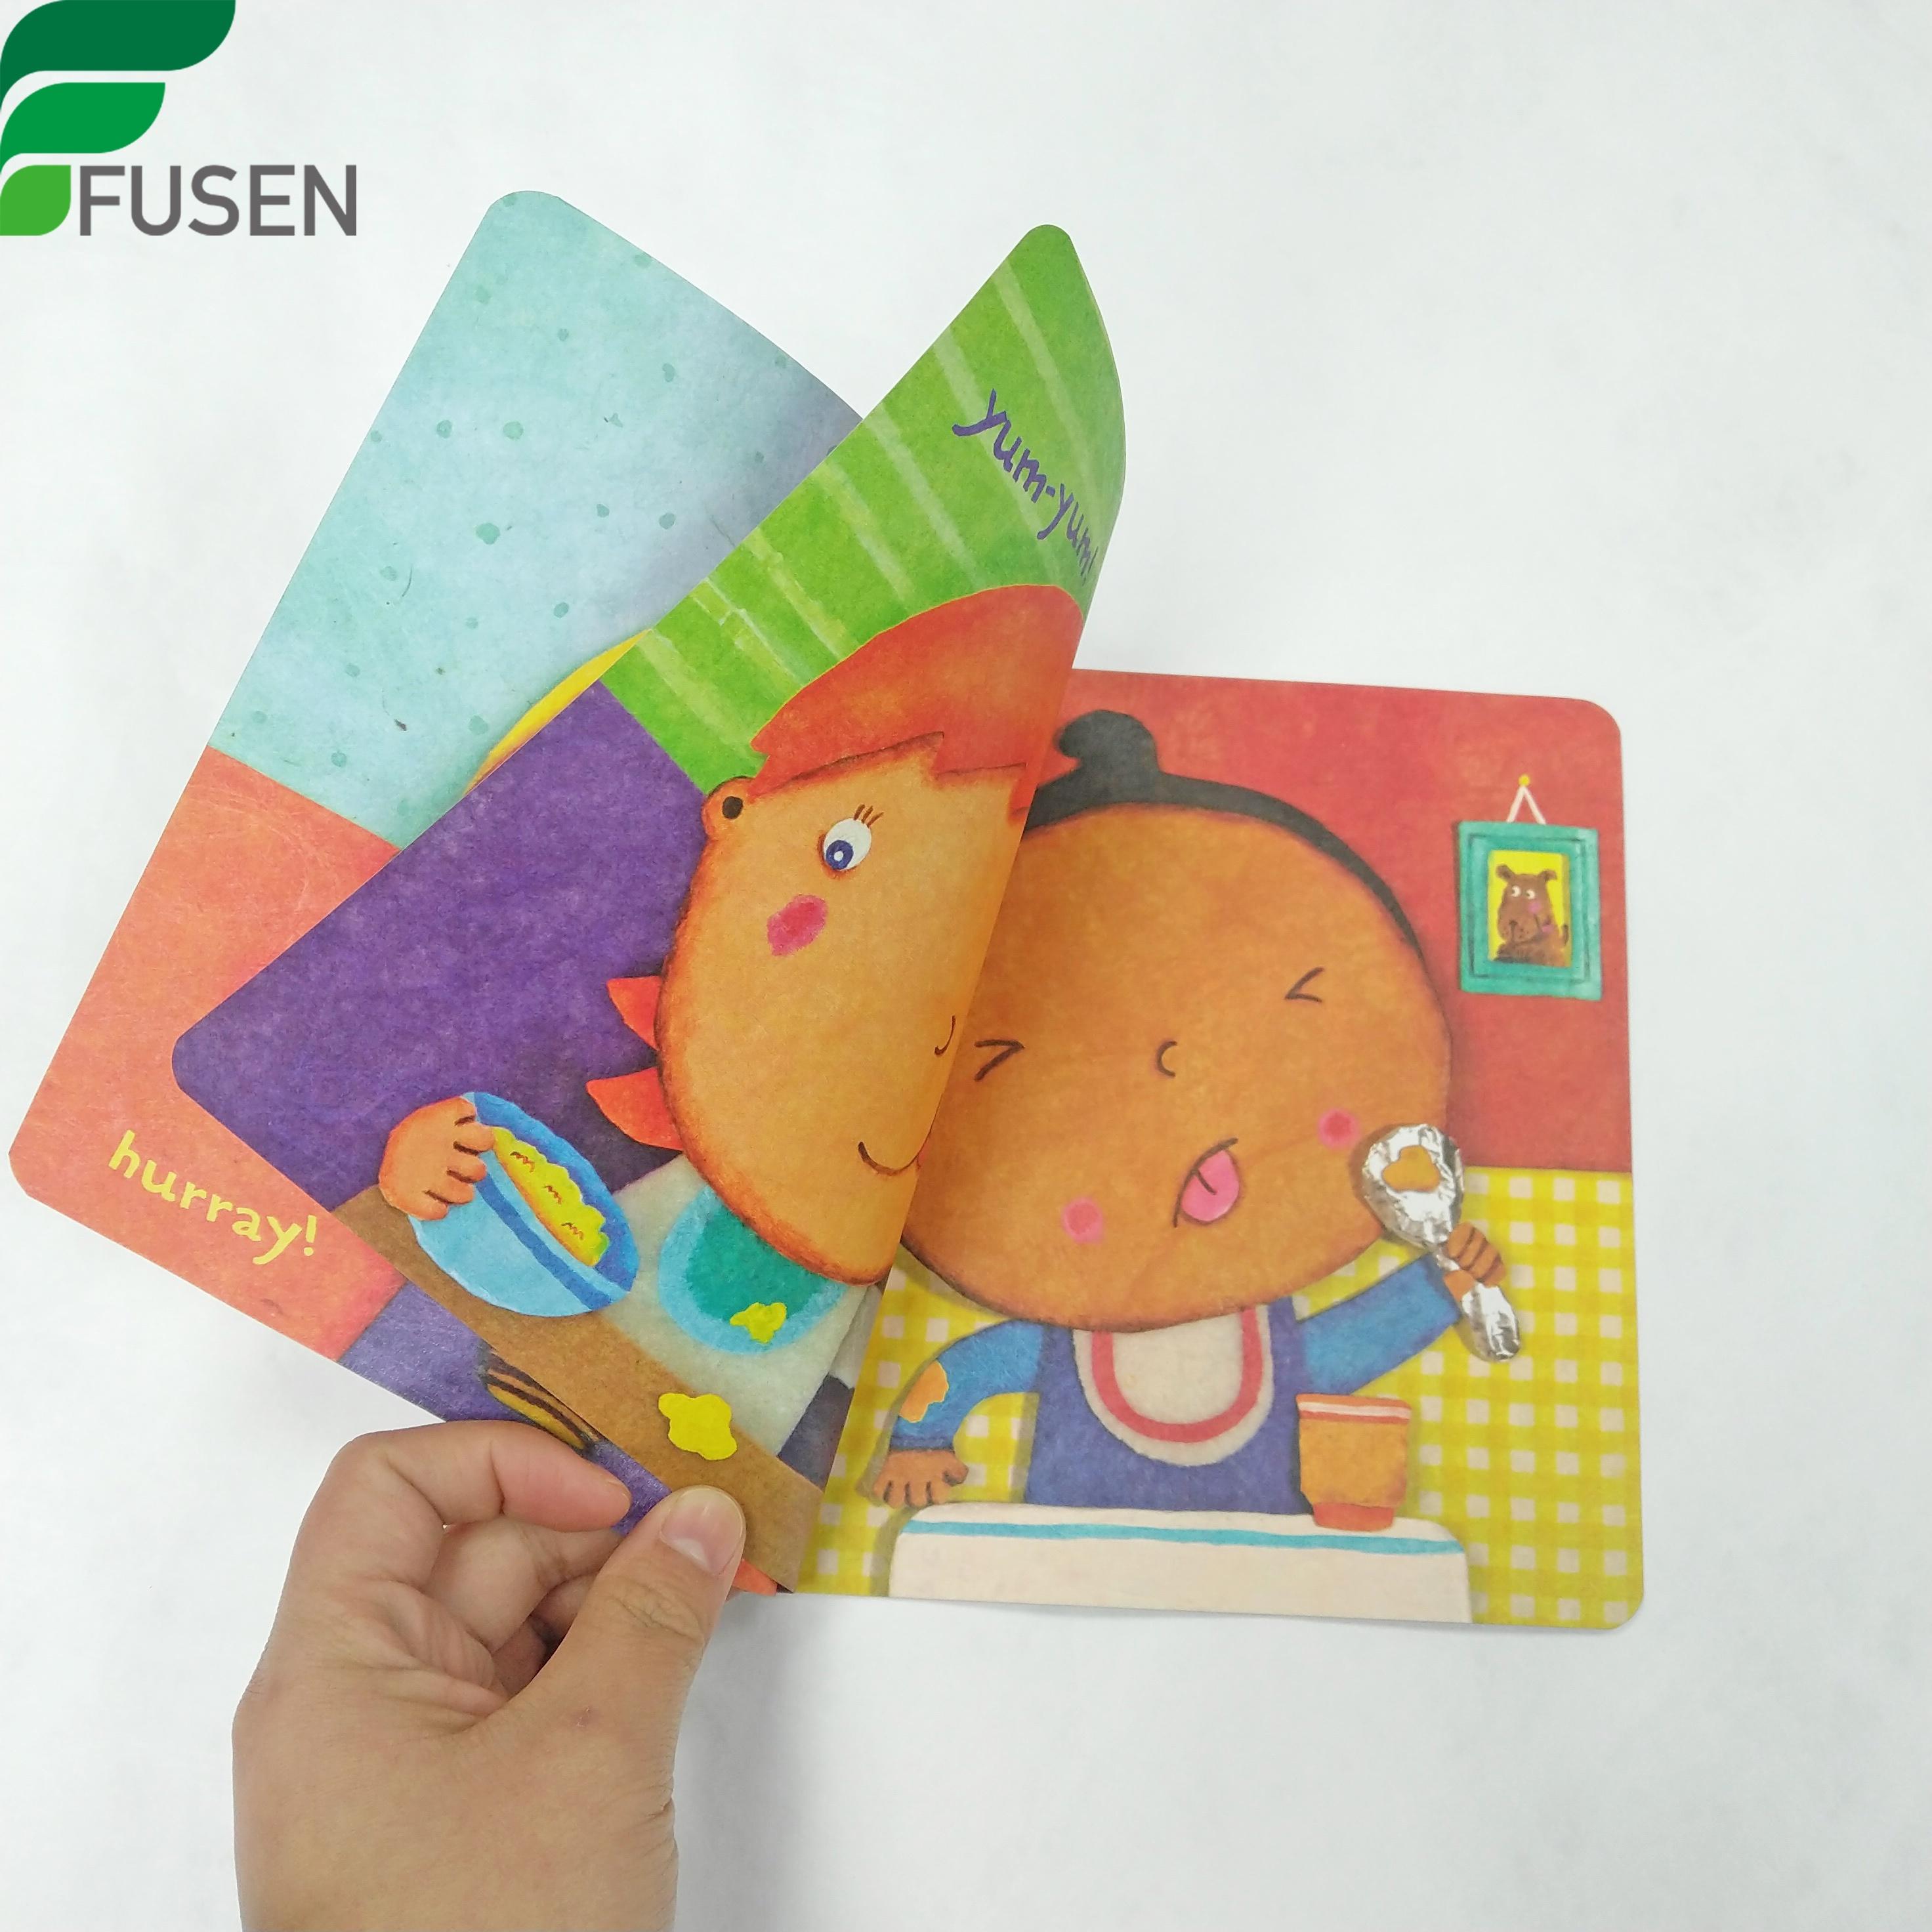 Tyvek baby waterproof tear resistant environmental picture cartoon book